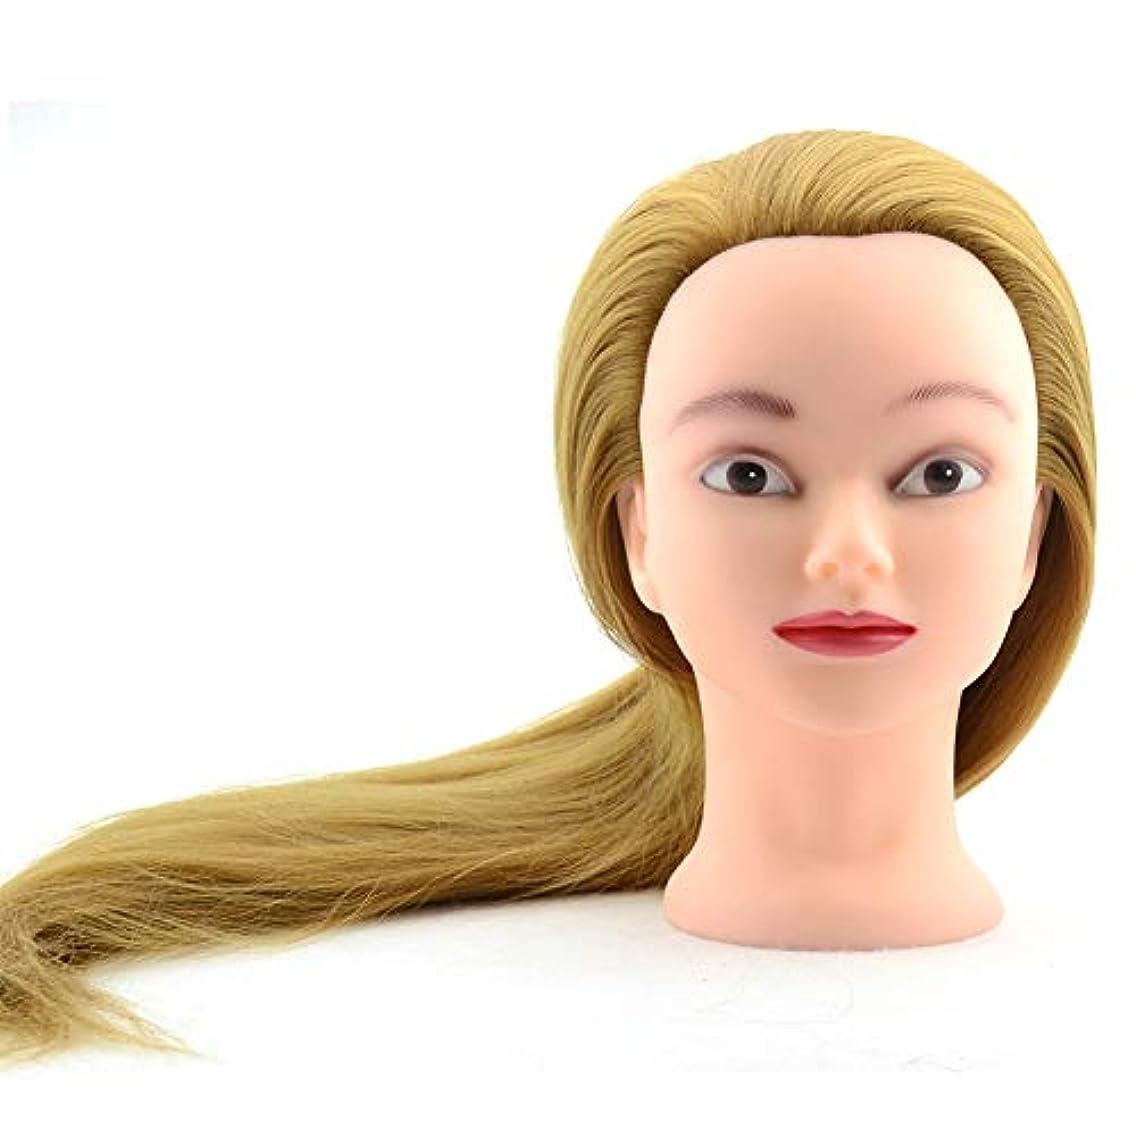 慈善変装したお金化学繊維ウィッグモデルヘッド理髪店学習ゴールデンヘアーダミーヘッドブライダルメイクスタイリングエクササイズヘッドモード